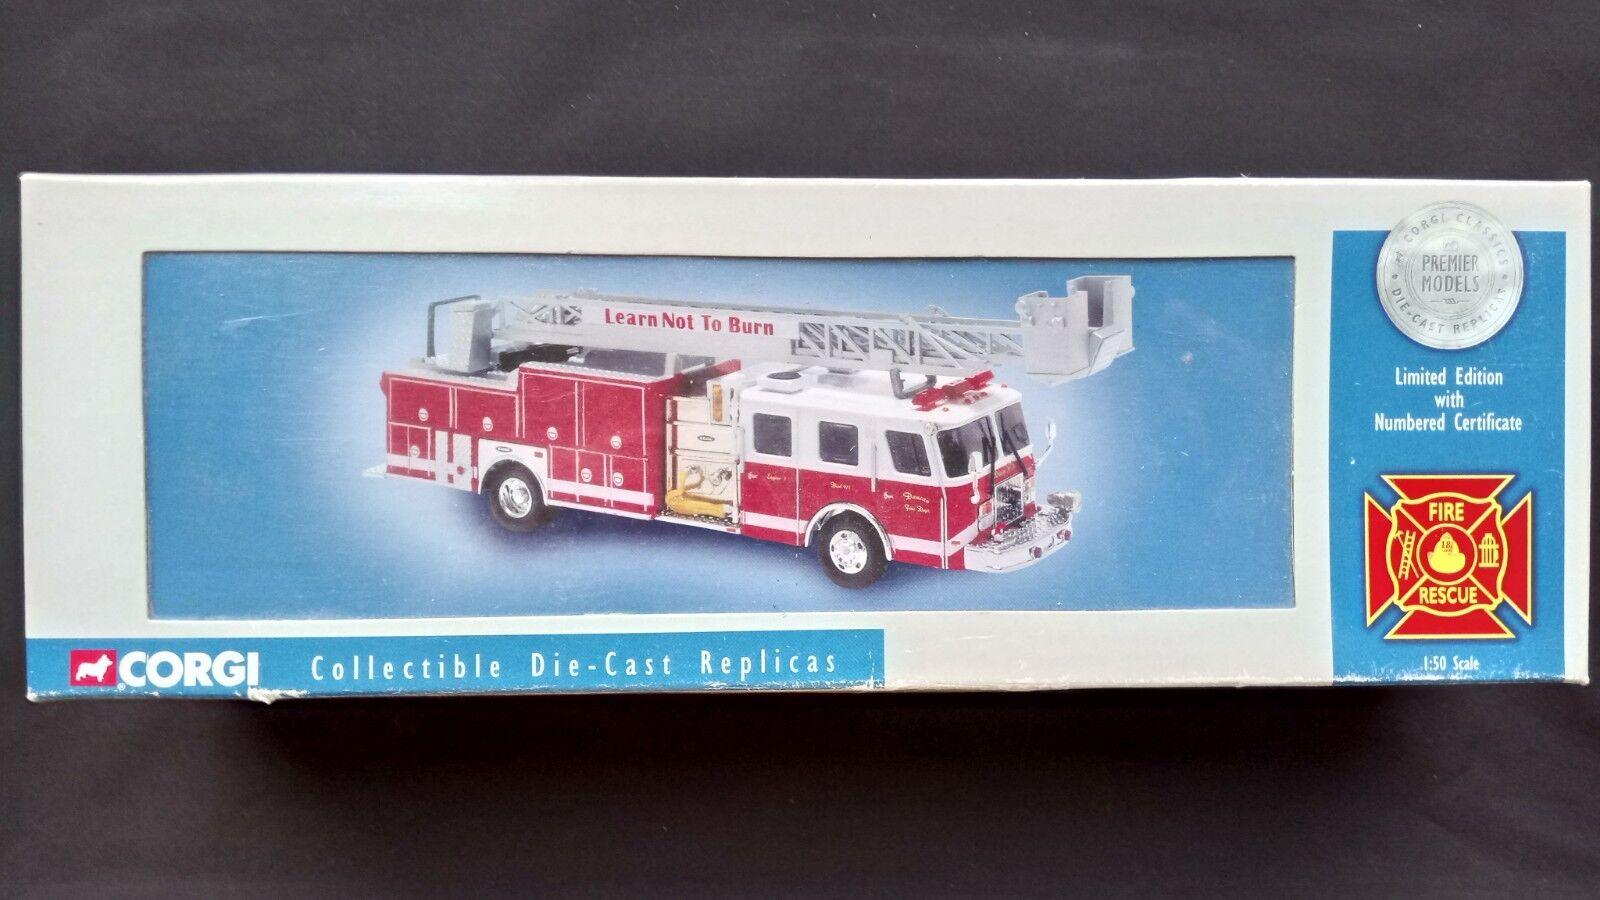 CORGI Duncan FIRE DEPT E-ONE 75 ft (environ 22.86 m) échelle 1 50 Limite Edition 2401 3900 New BOXED